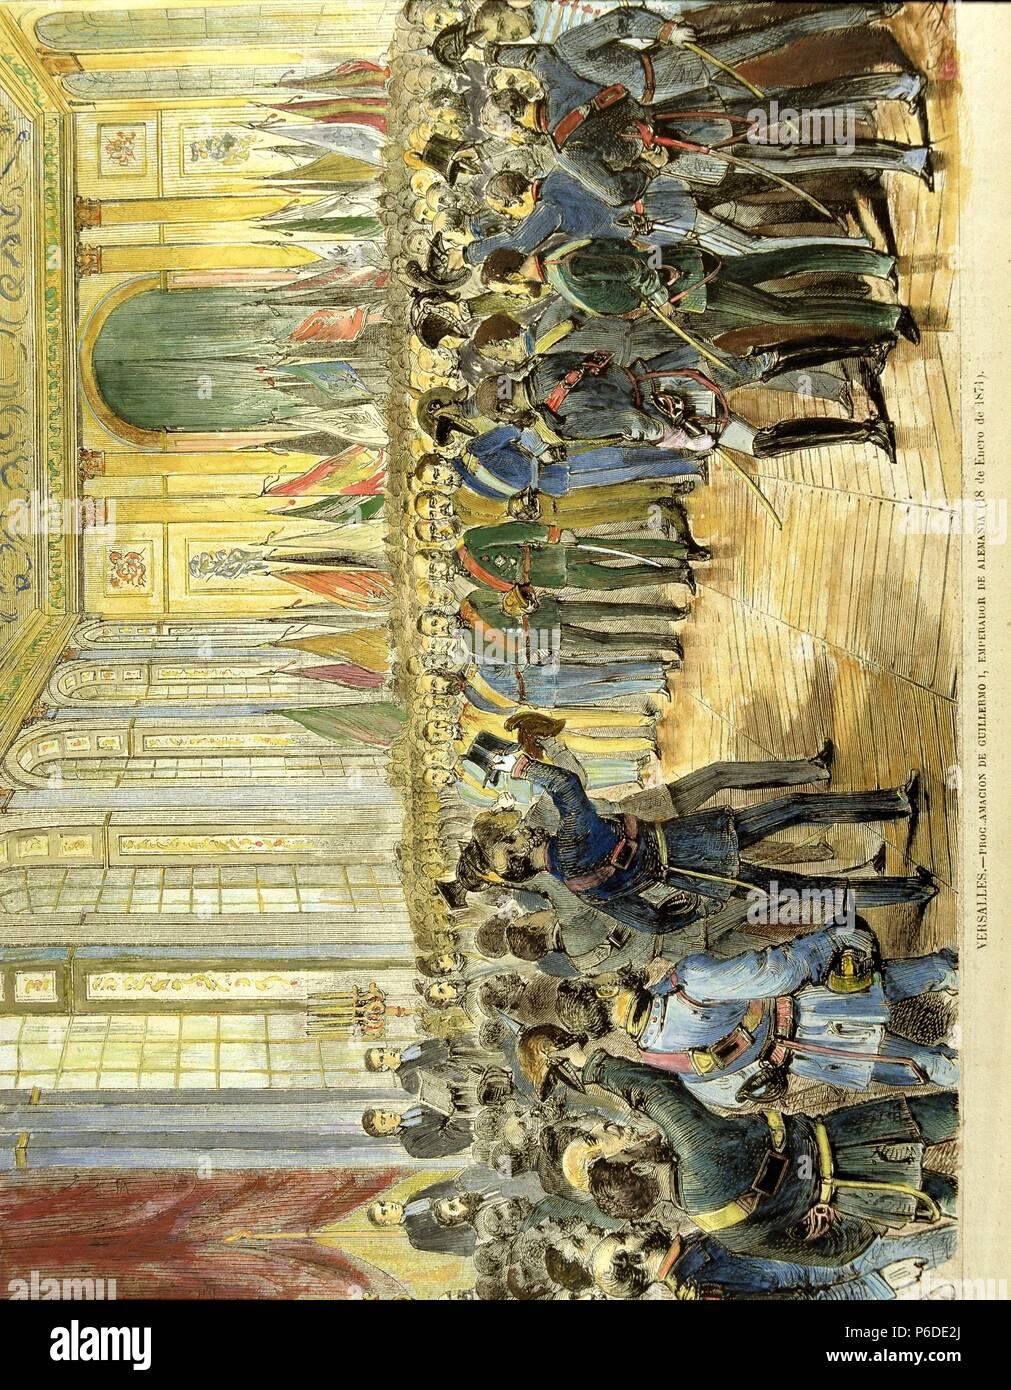 GUILLERMO I. REY DE PRUSIA Y EMPERADOR DE ALEMANIA. 1797-1888. PROCLAMACION COMO EMPERADOR DE ALEMANIA EN EL PALACIO DE VERSALLES, 18 DE ENERO DE 1871. - Stock Image